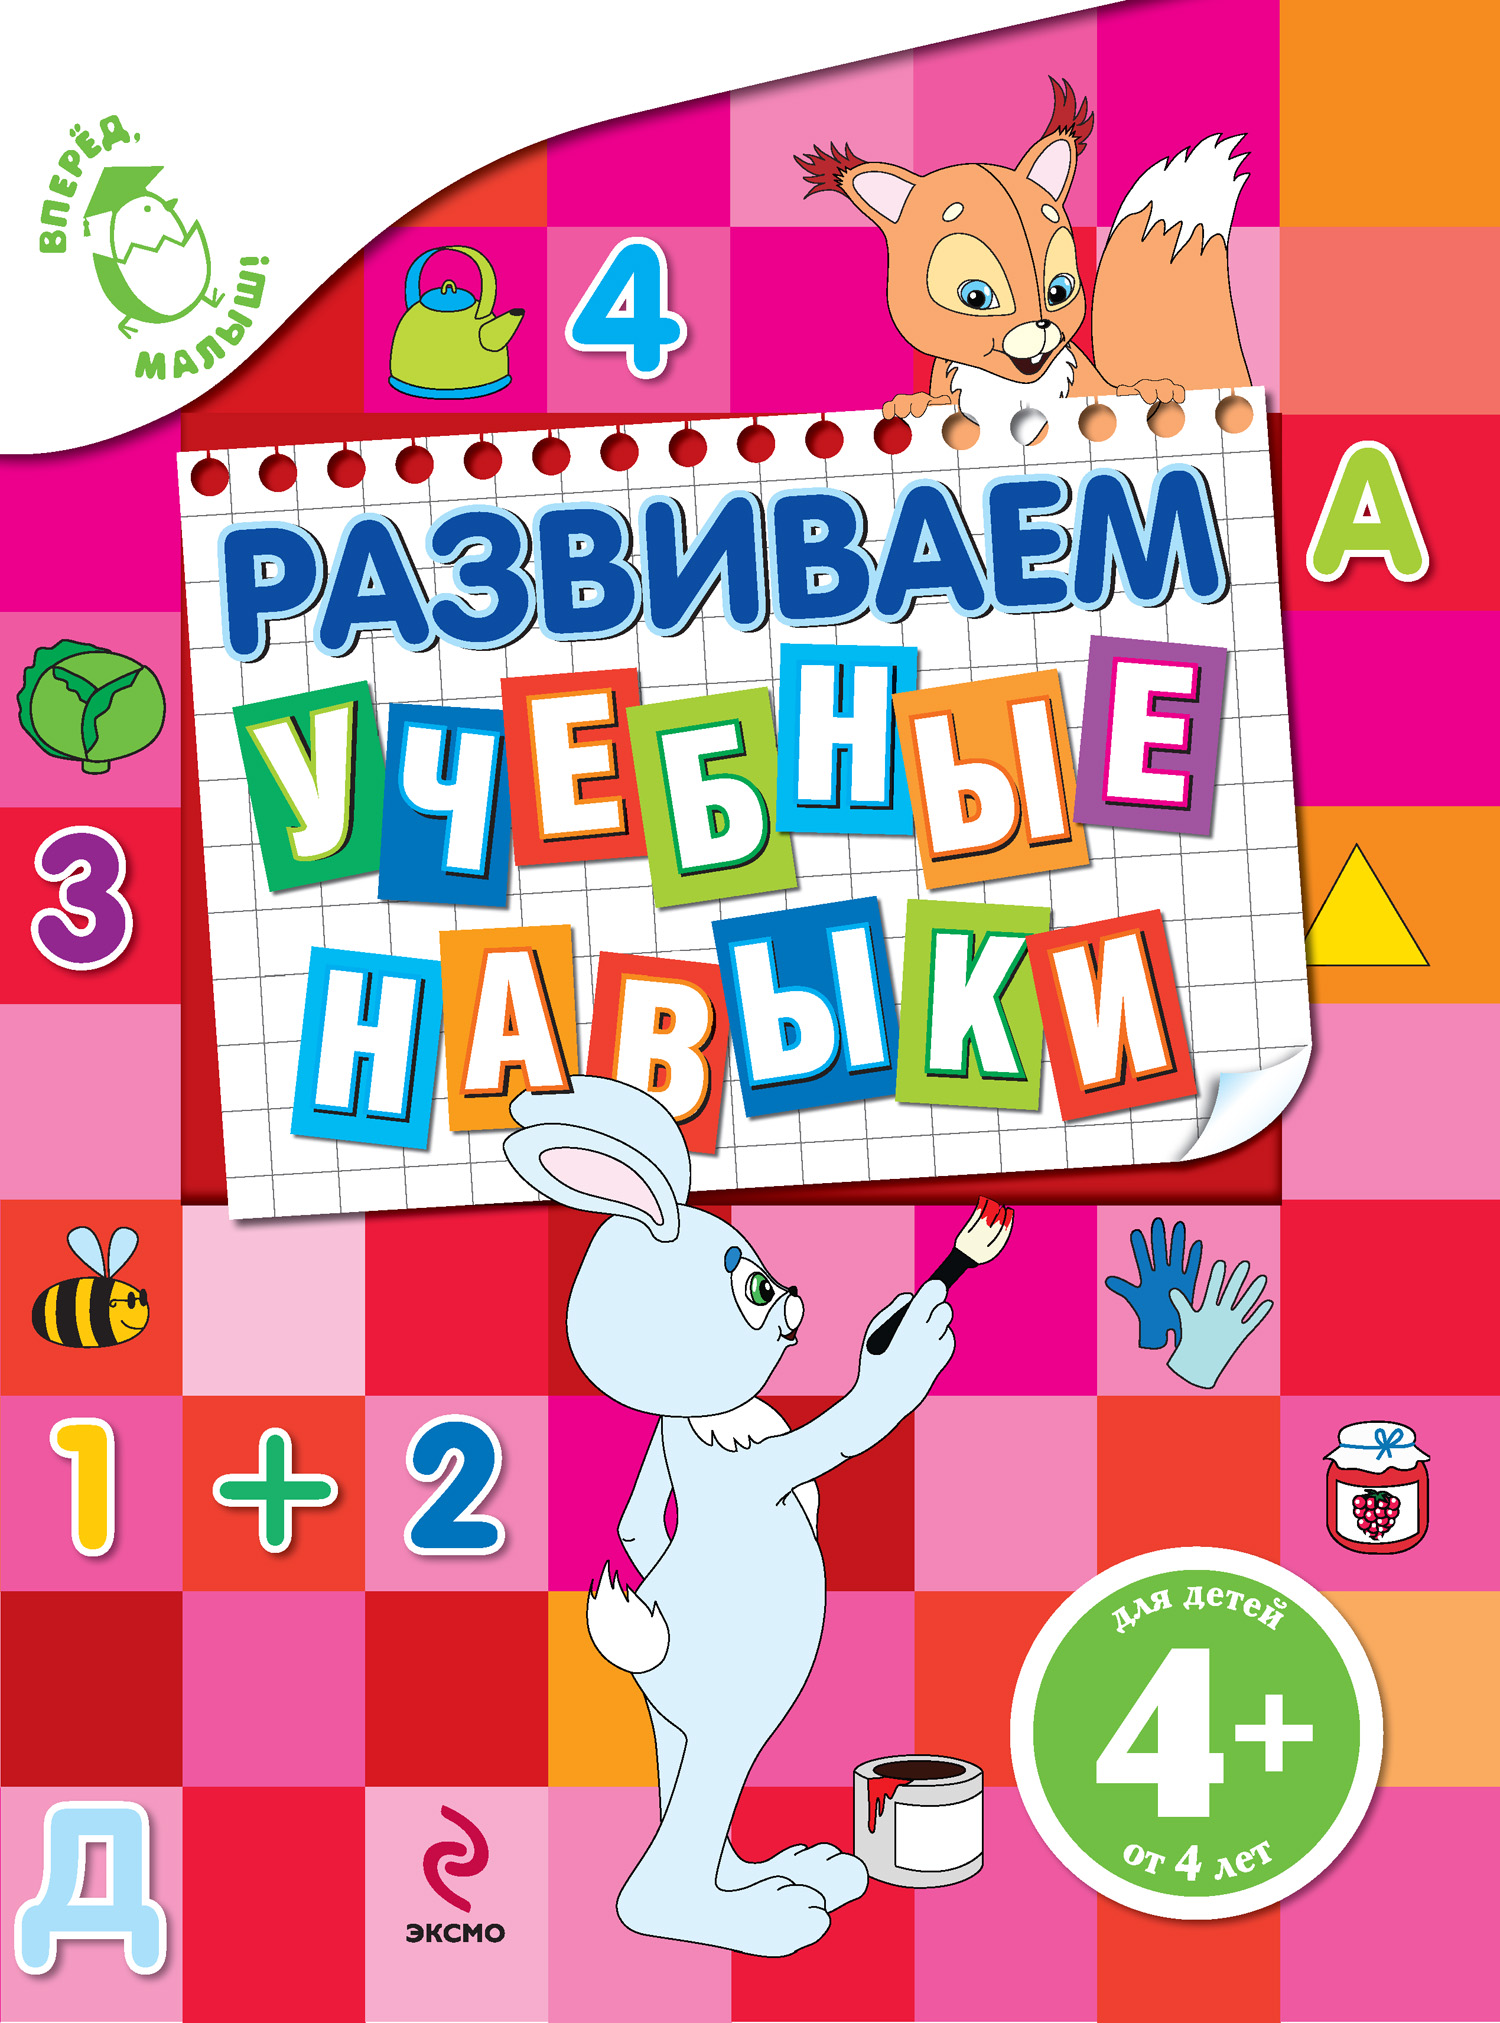 Екатерина Борисовна Голицына Развиваем учебные навыки голицына екатерина борисовна развиваем речь для детей от 5 ти лет